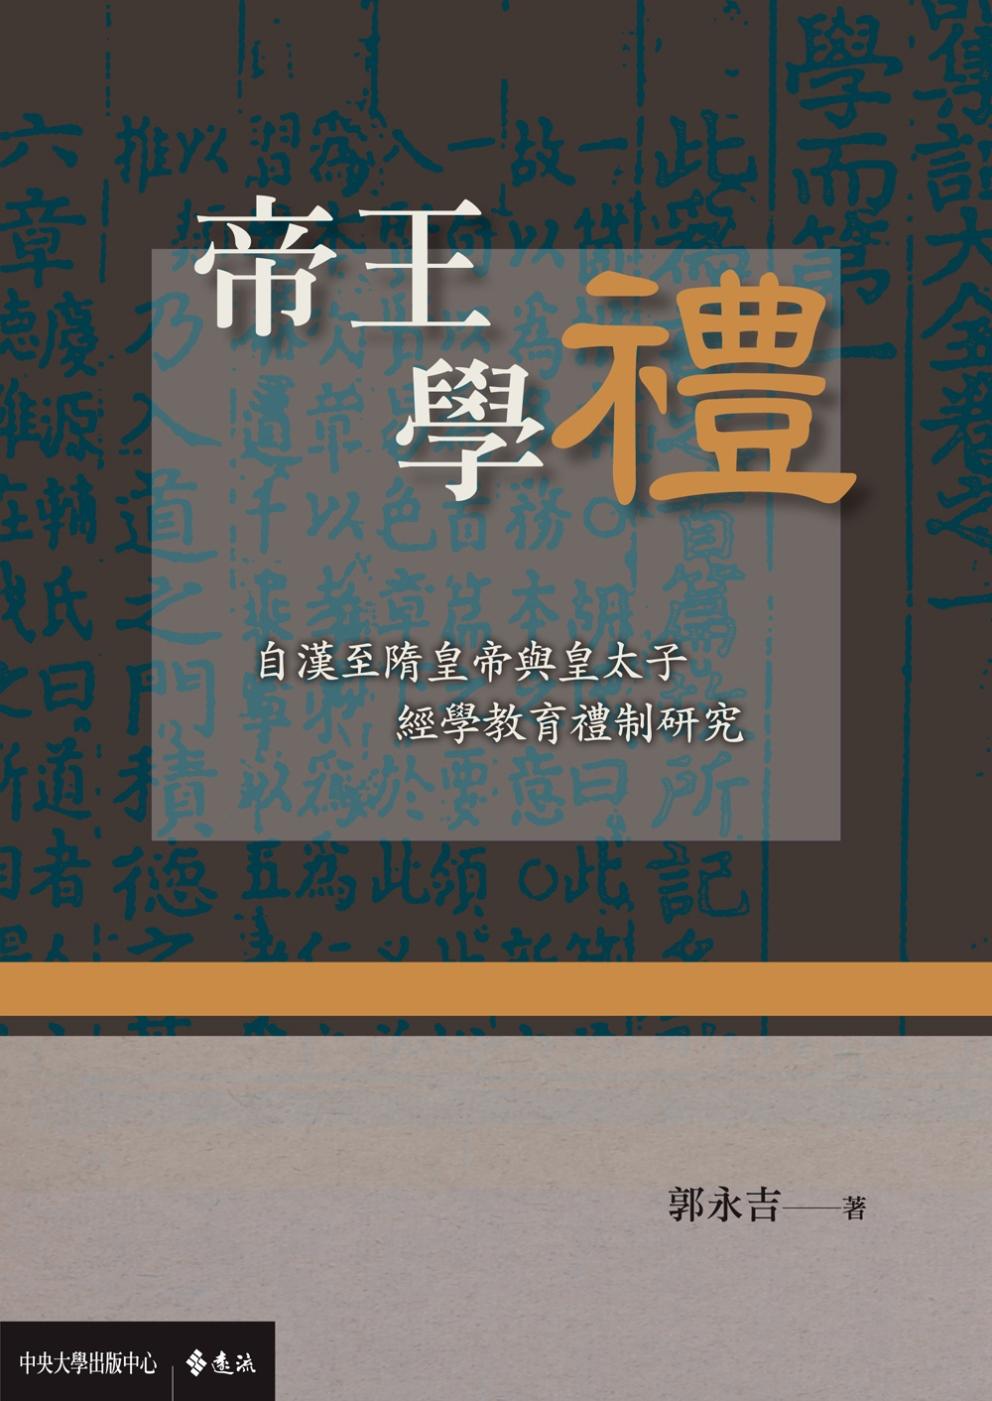 帝王學禮:自漢至隋皇帝與皇太子經學教育禮制研究